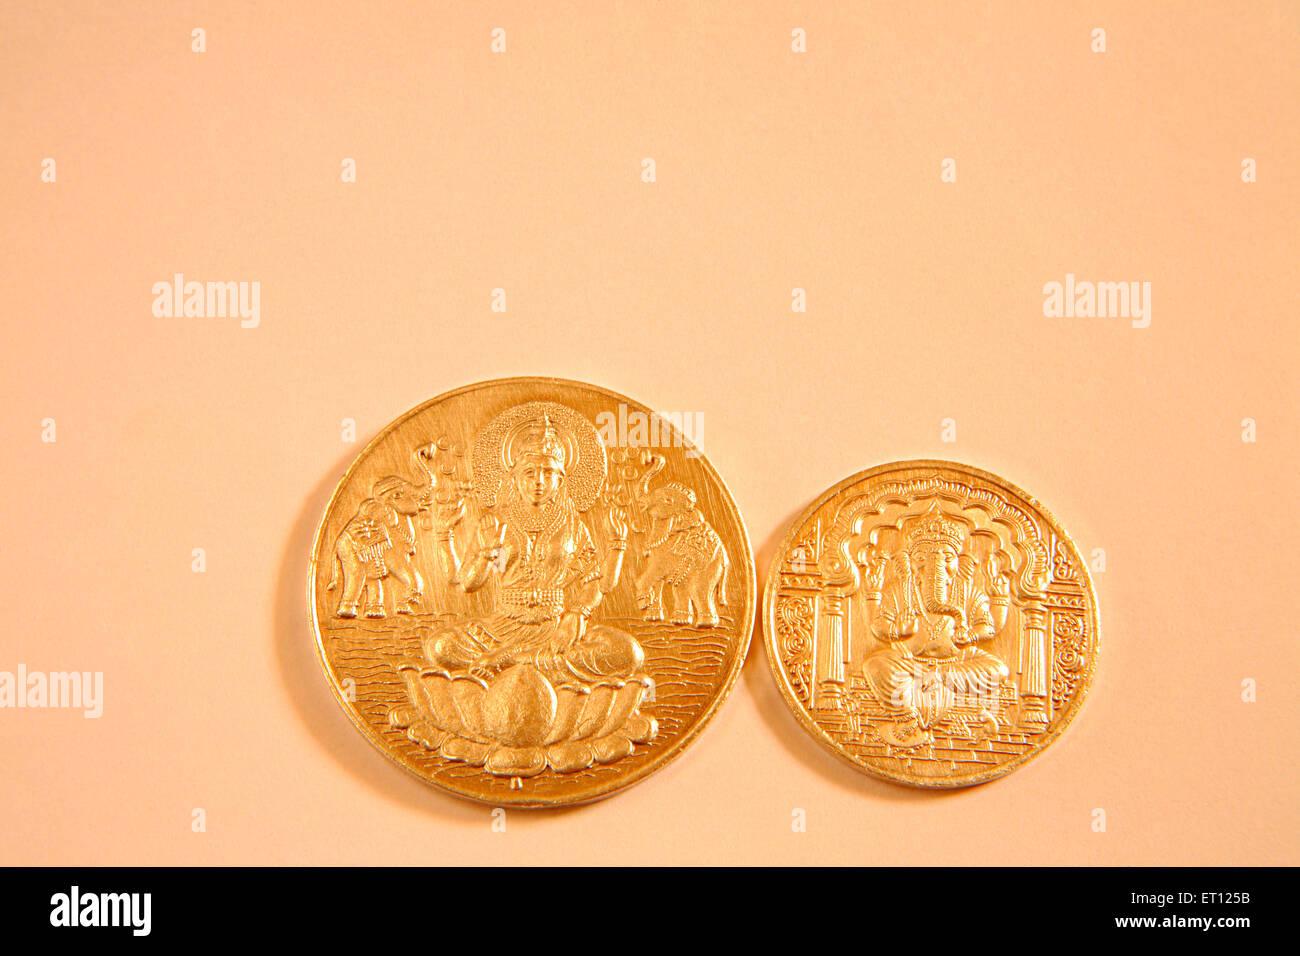 Monete d oro con dio Ganesh e la dea Lakshmi picture ; India Immagini Stock